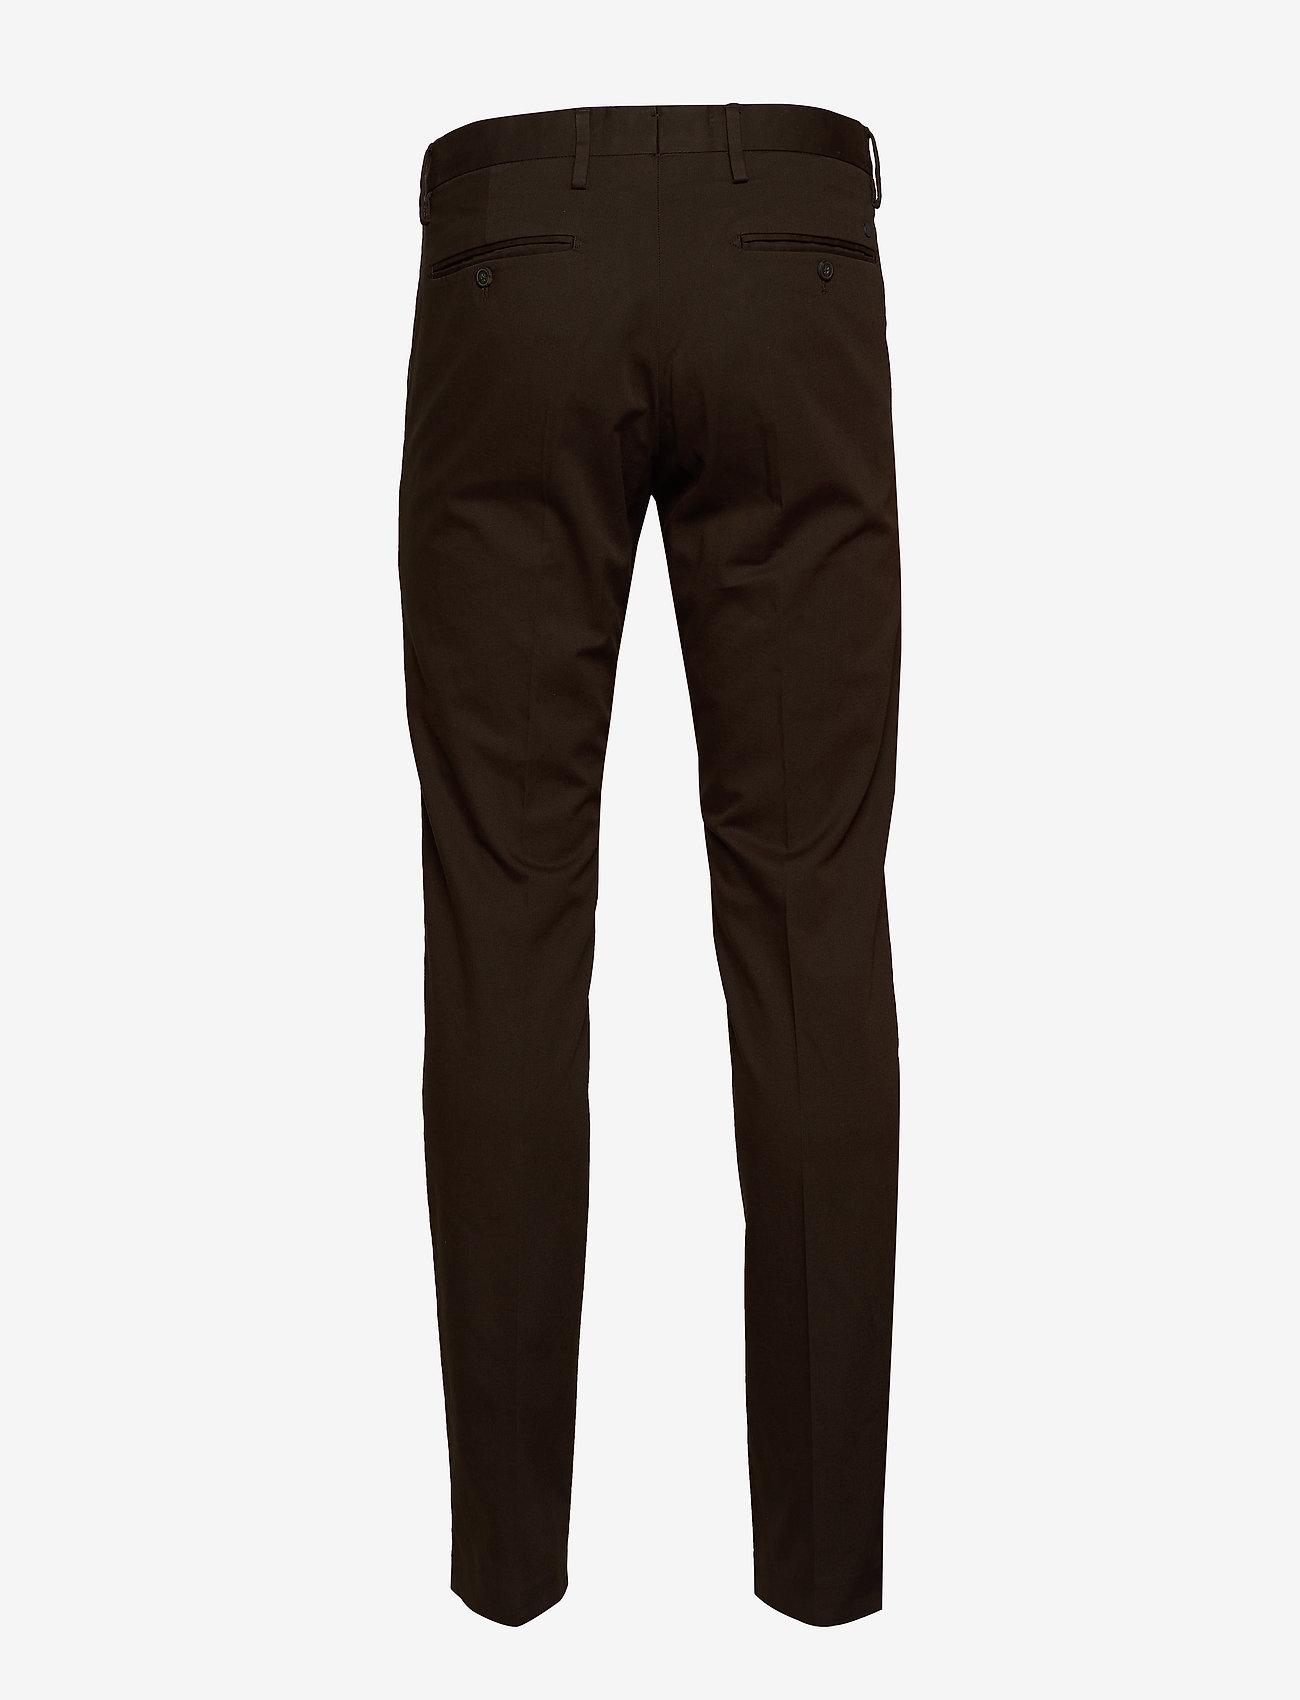 NN07 - Theo 1178 L30 - puvunhousut - brown - 1